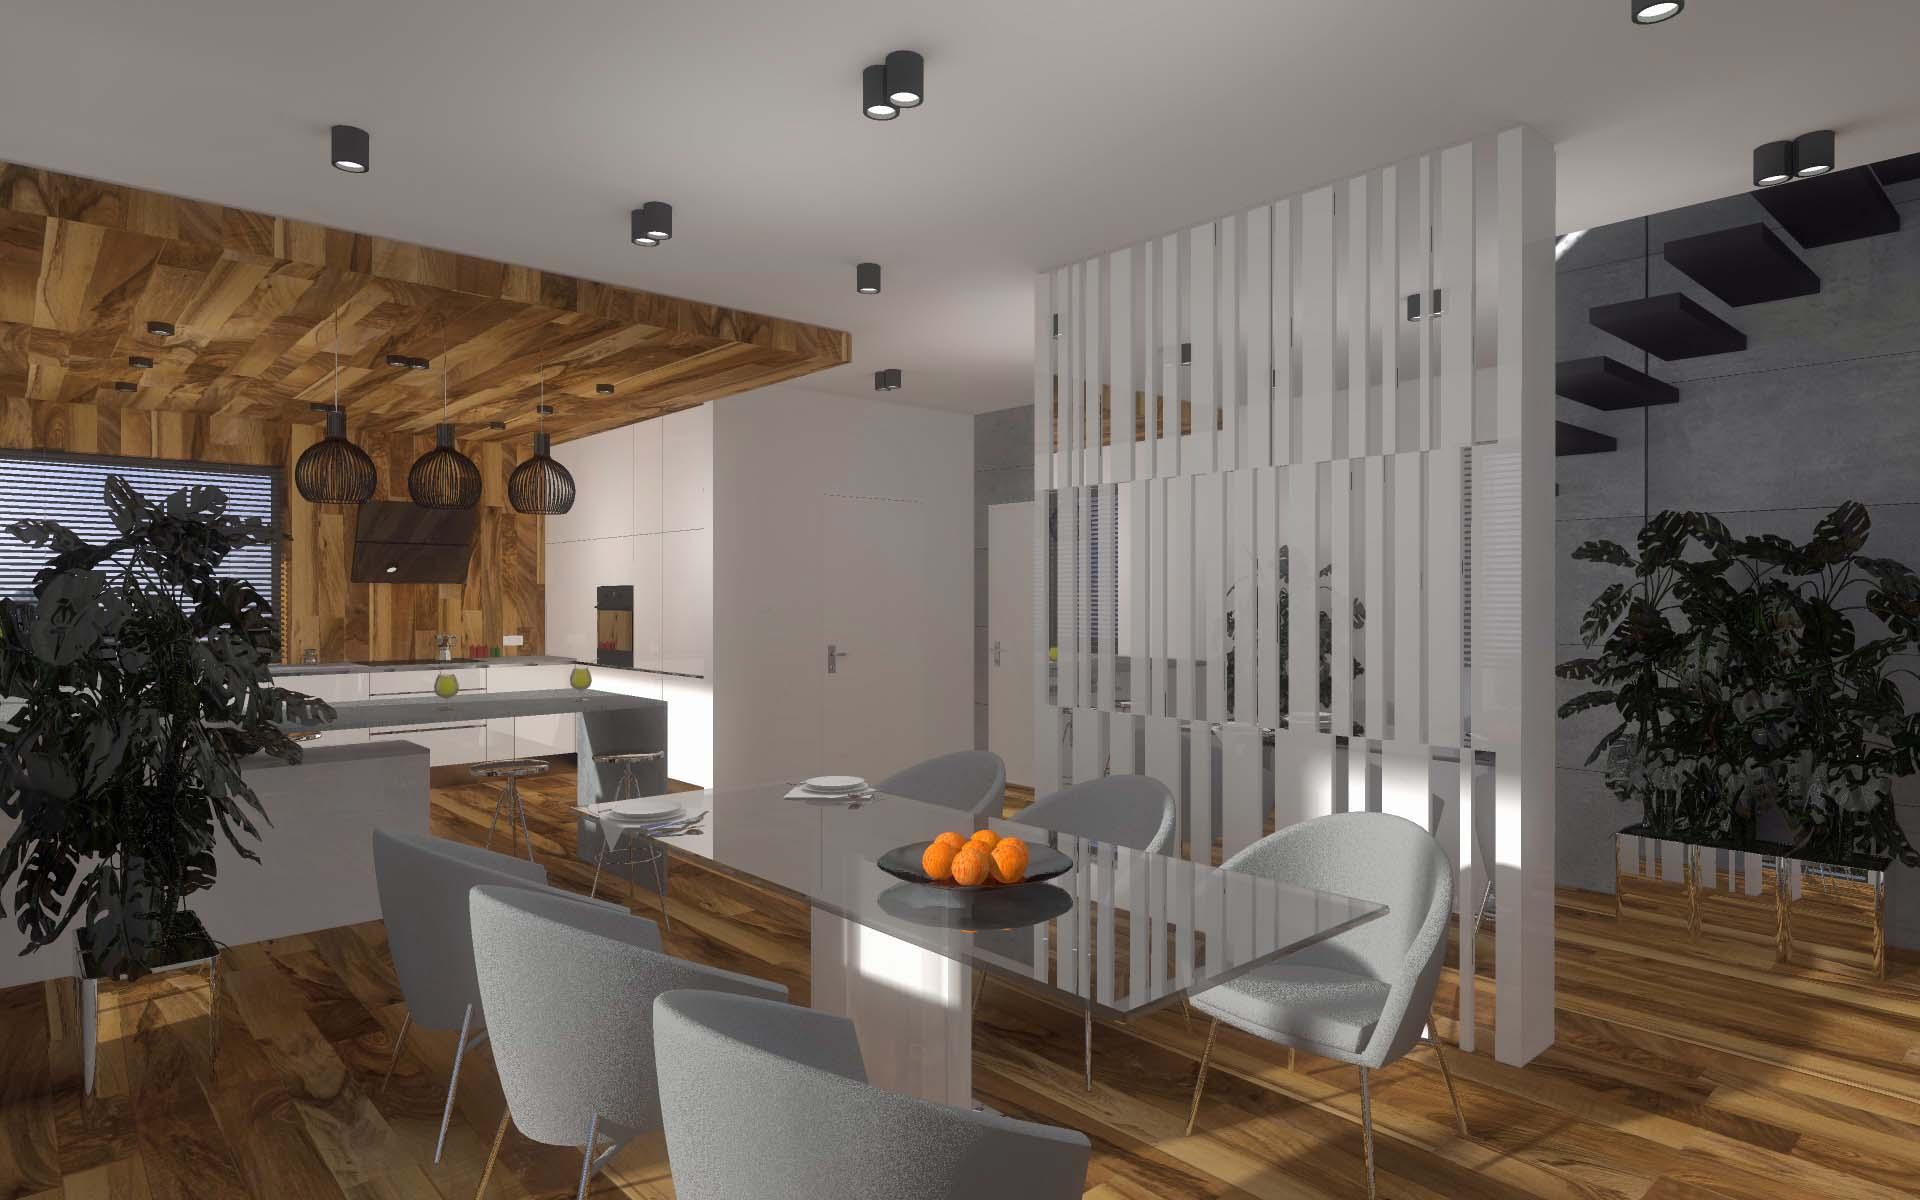 Projekt wnętrza kuchni wykonany przez architekta Mobiliani Design